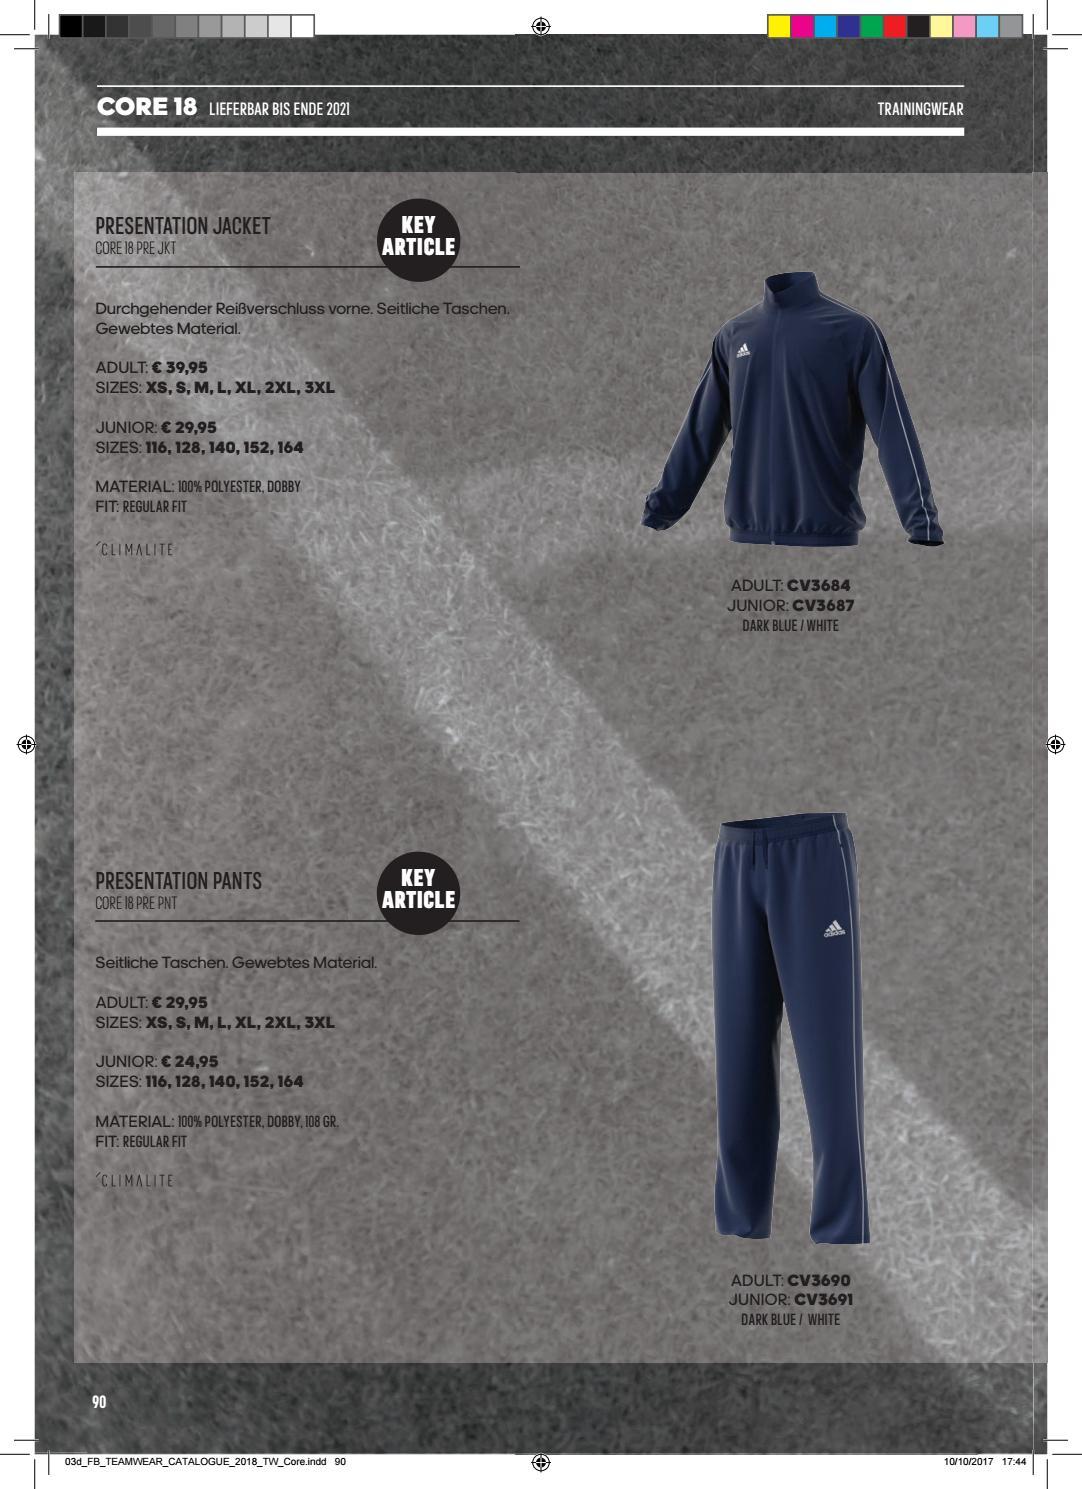 cuatro veces ruptura Noble  Adidas Teamsport-Katalog 2018 by Teamplayer - issuu